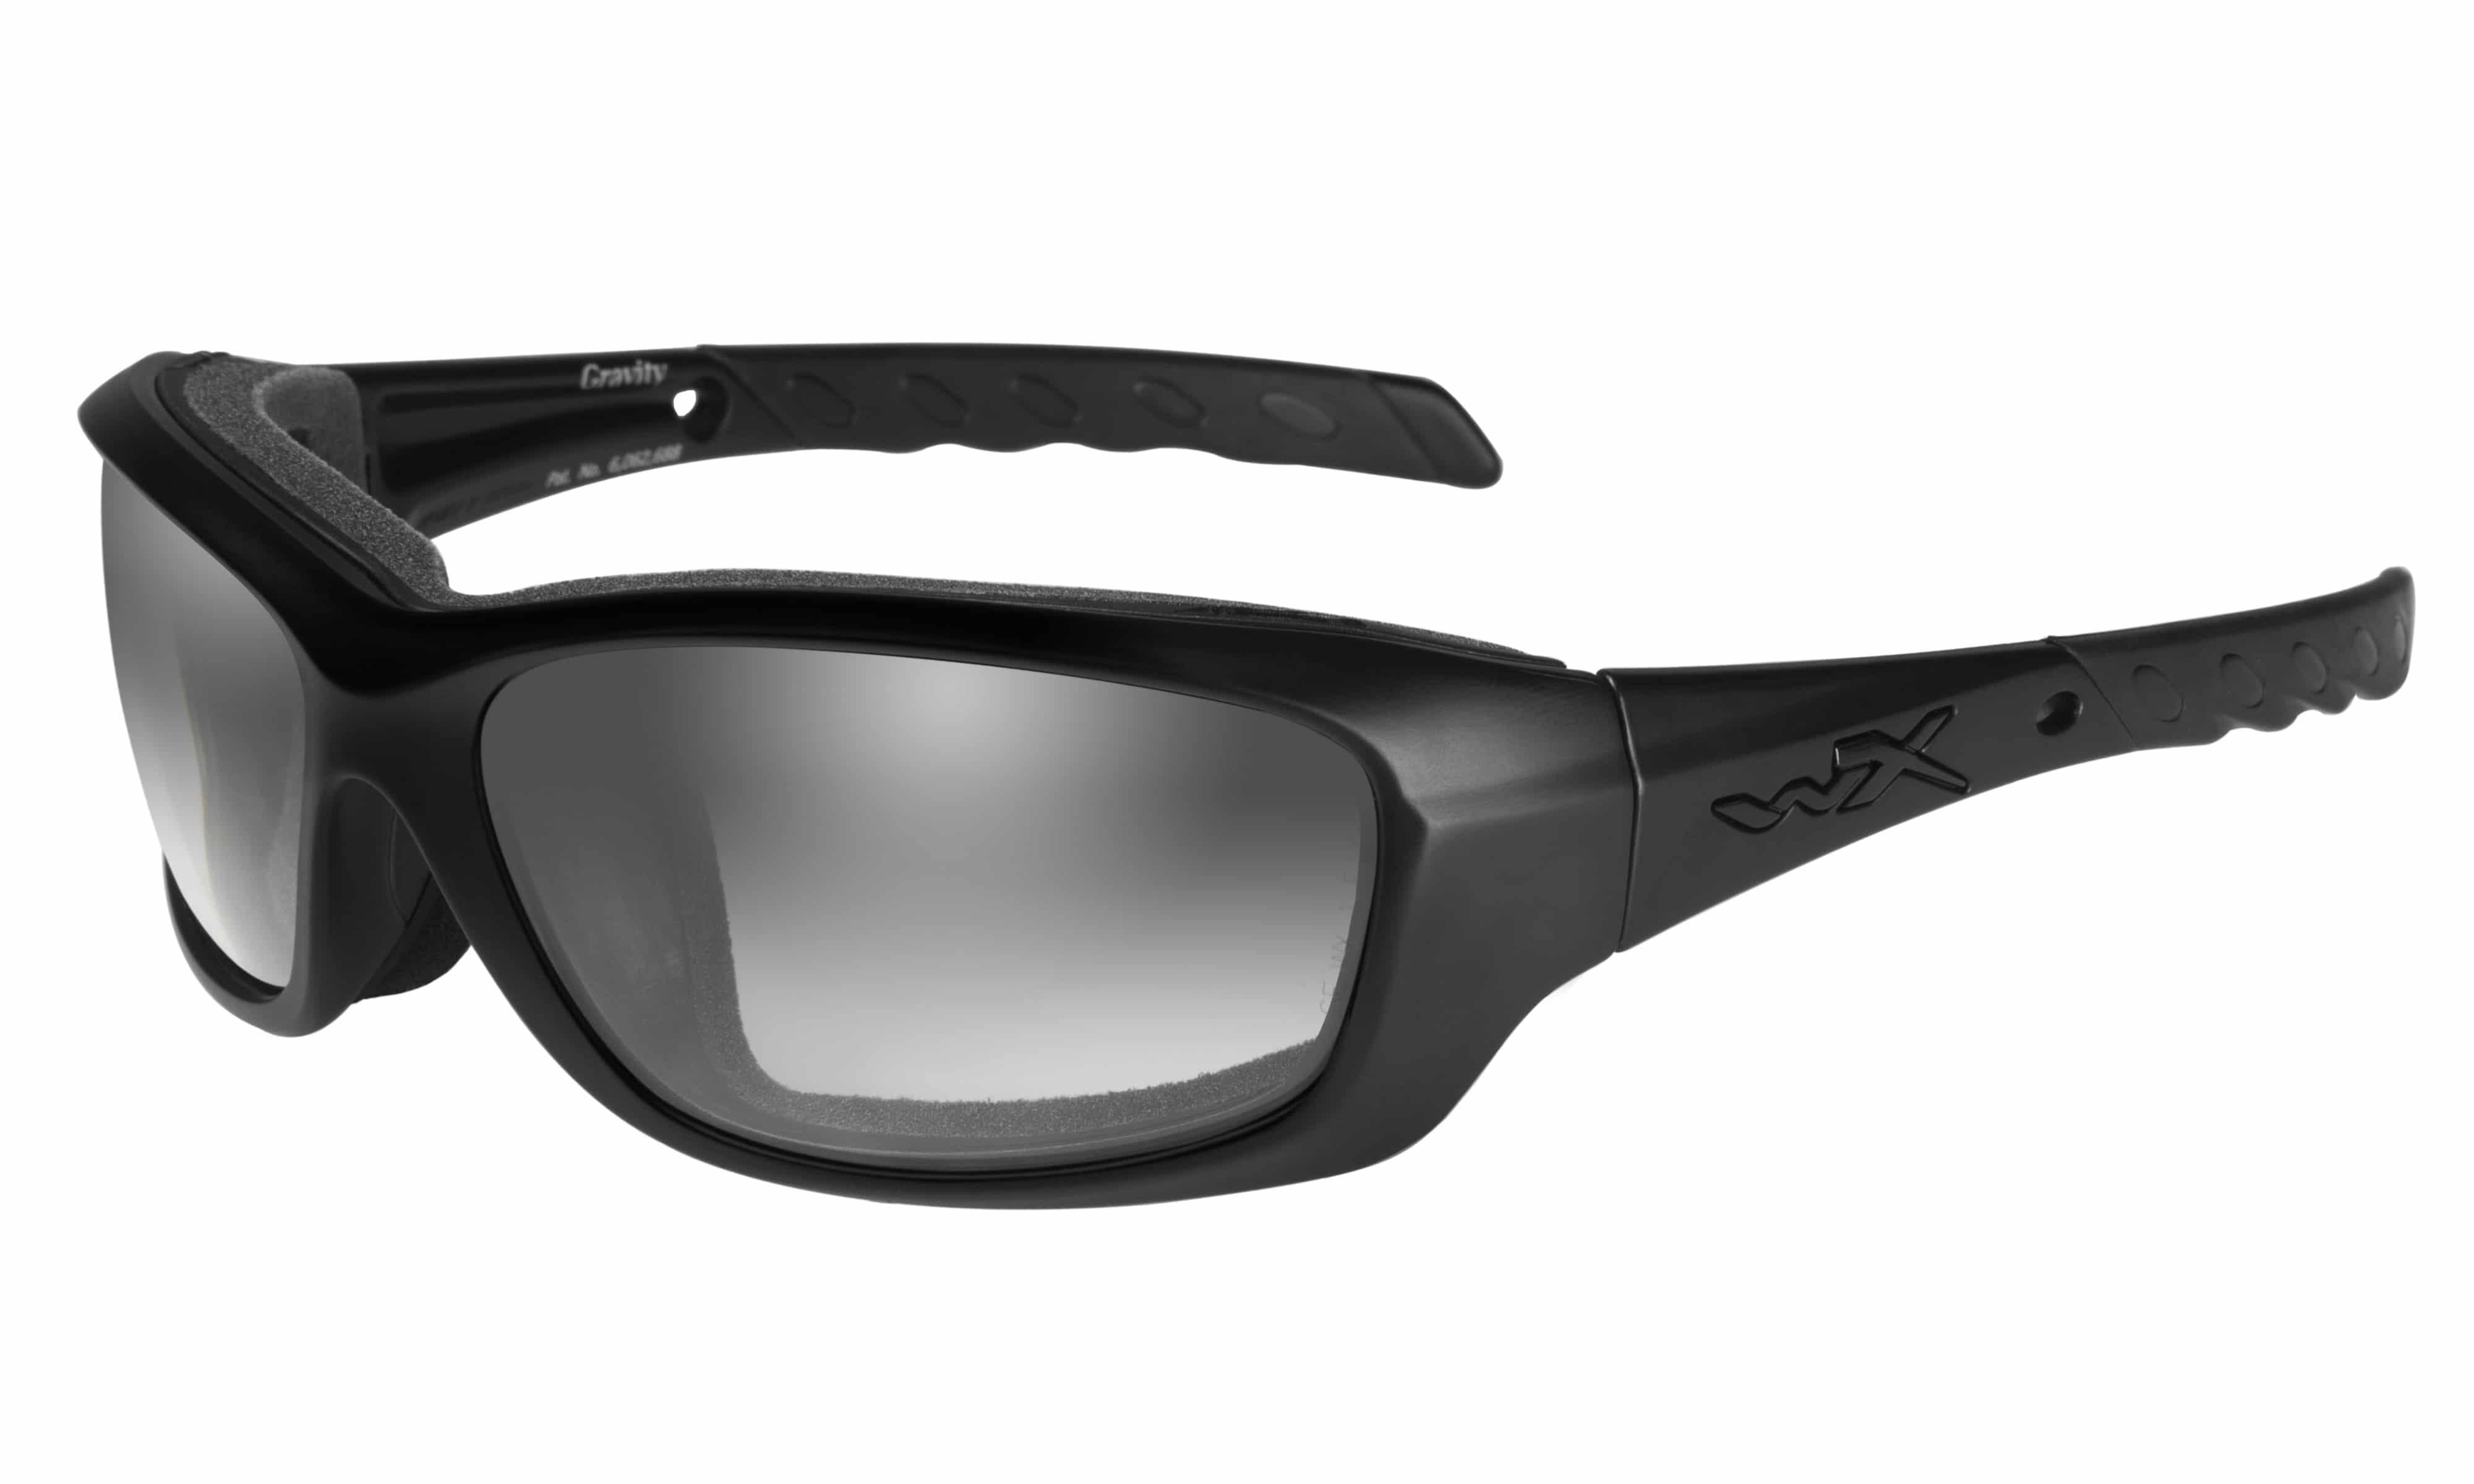 WX Gravity Sunglasses|Safety Glasses CCGRA05_MV